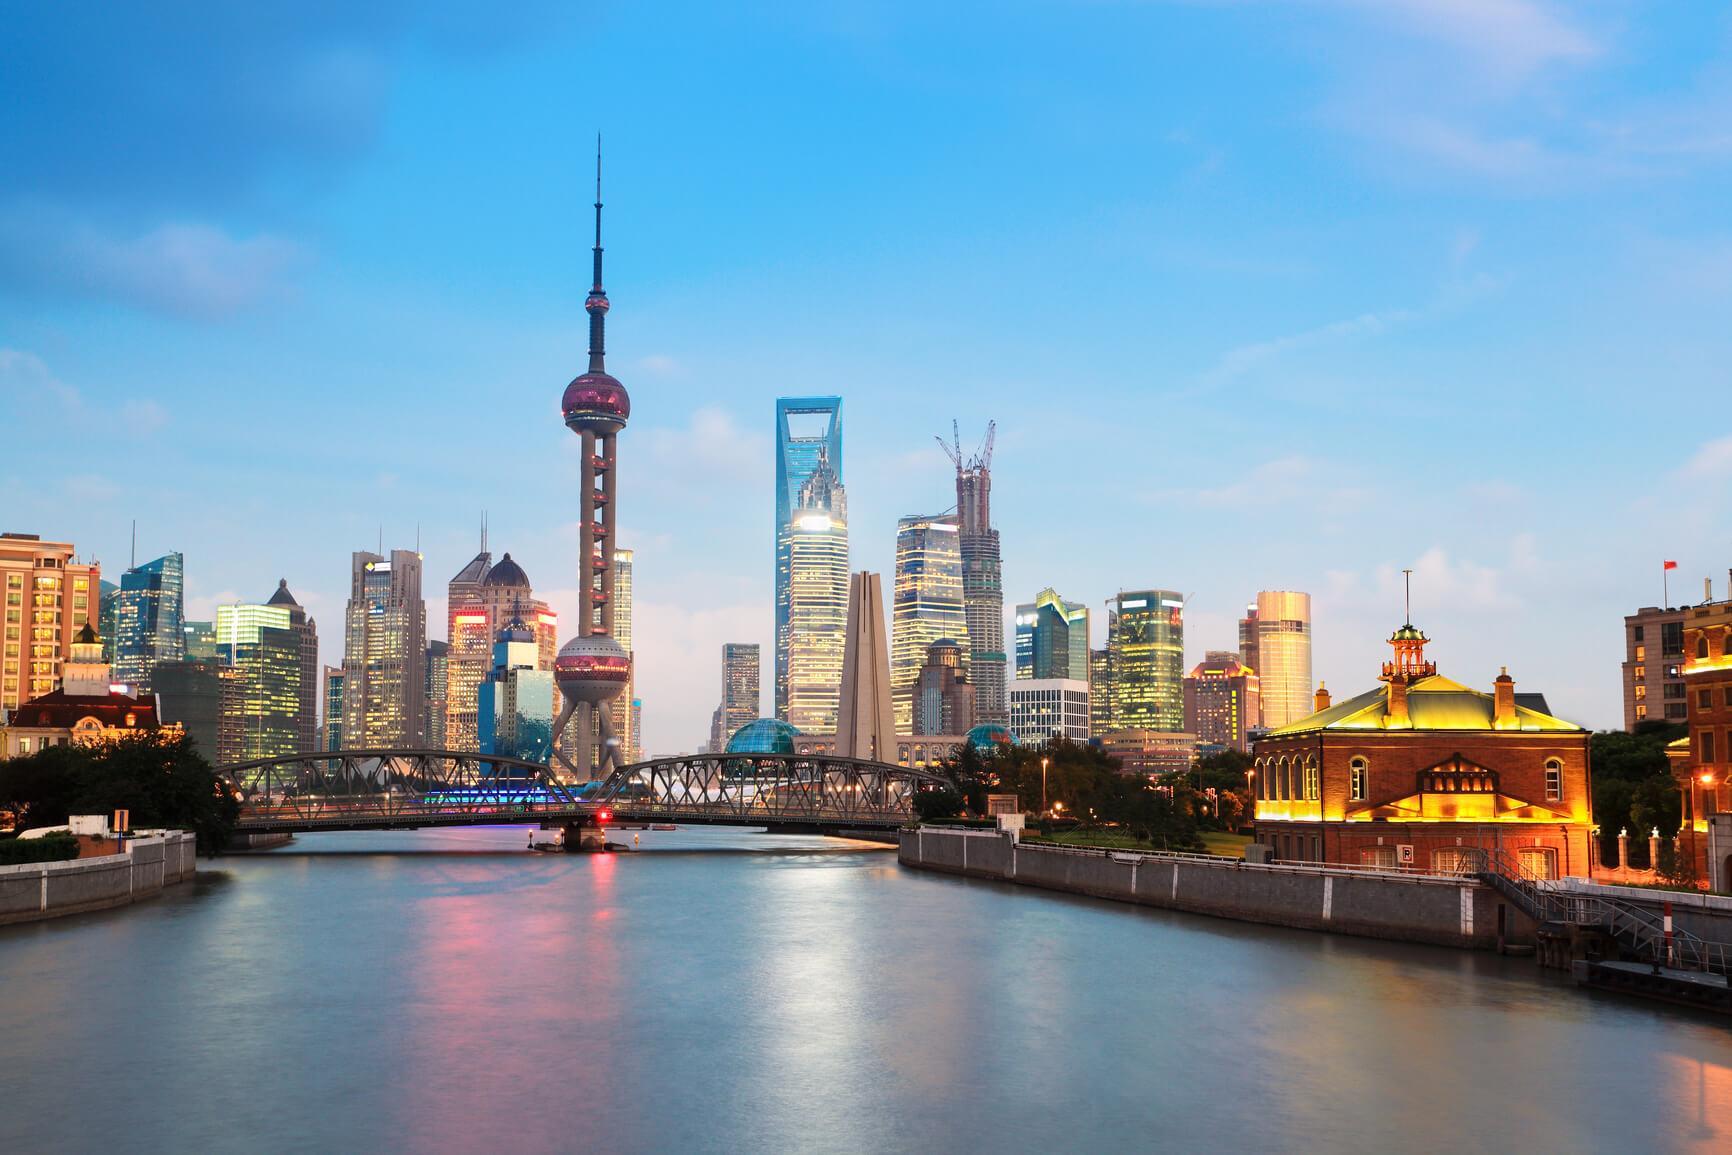 Denver, Colorado to Shanghai, China for only $394 roundtrip